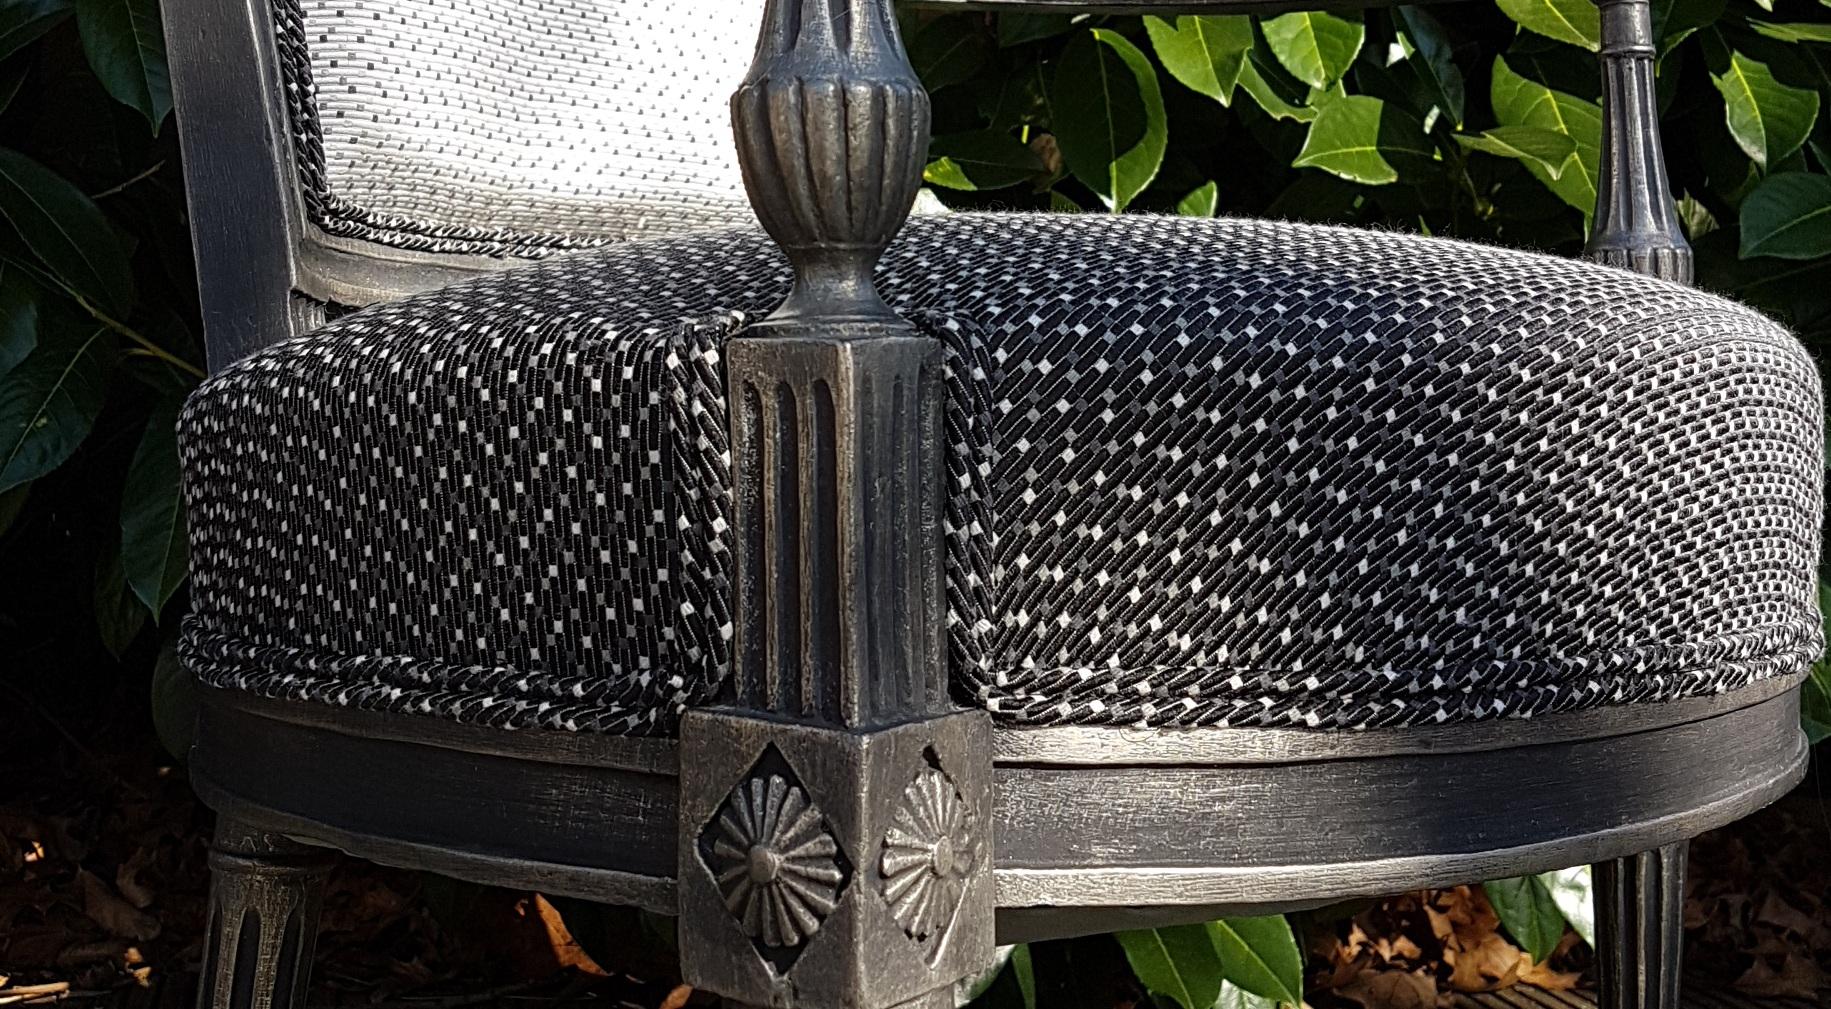 ambiance tapissier tapissier d corateur cestas site de renovation fauteuil. Black Bedroom Furniture Sets. Home Design Ideas